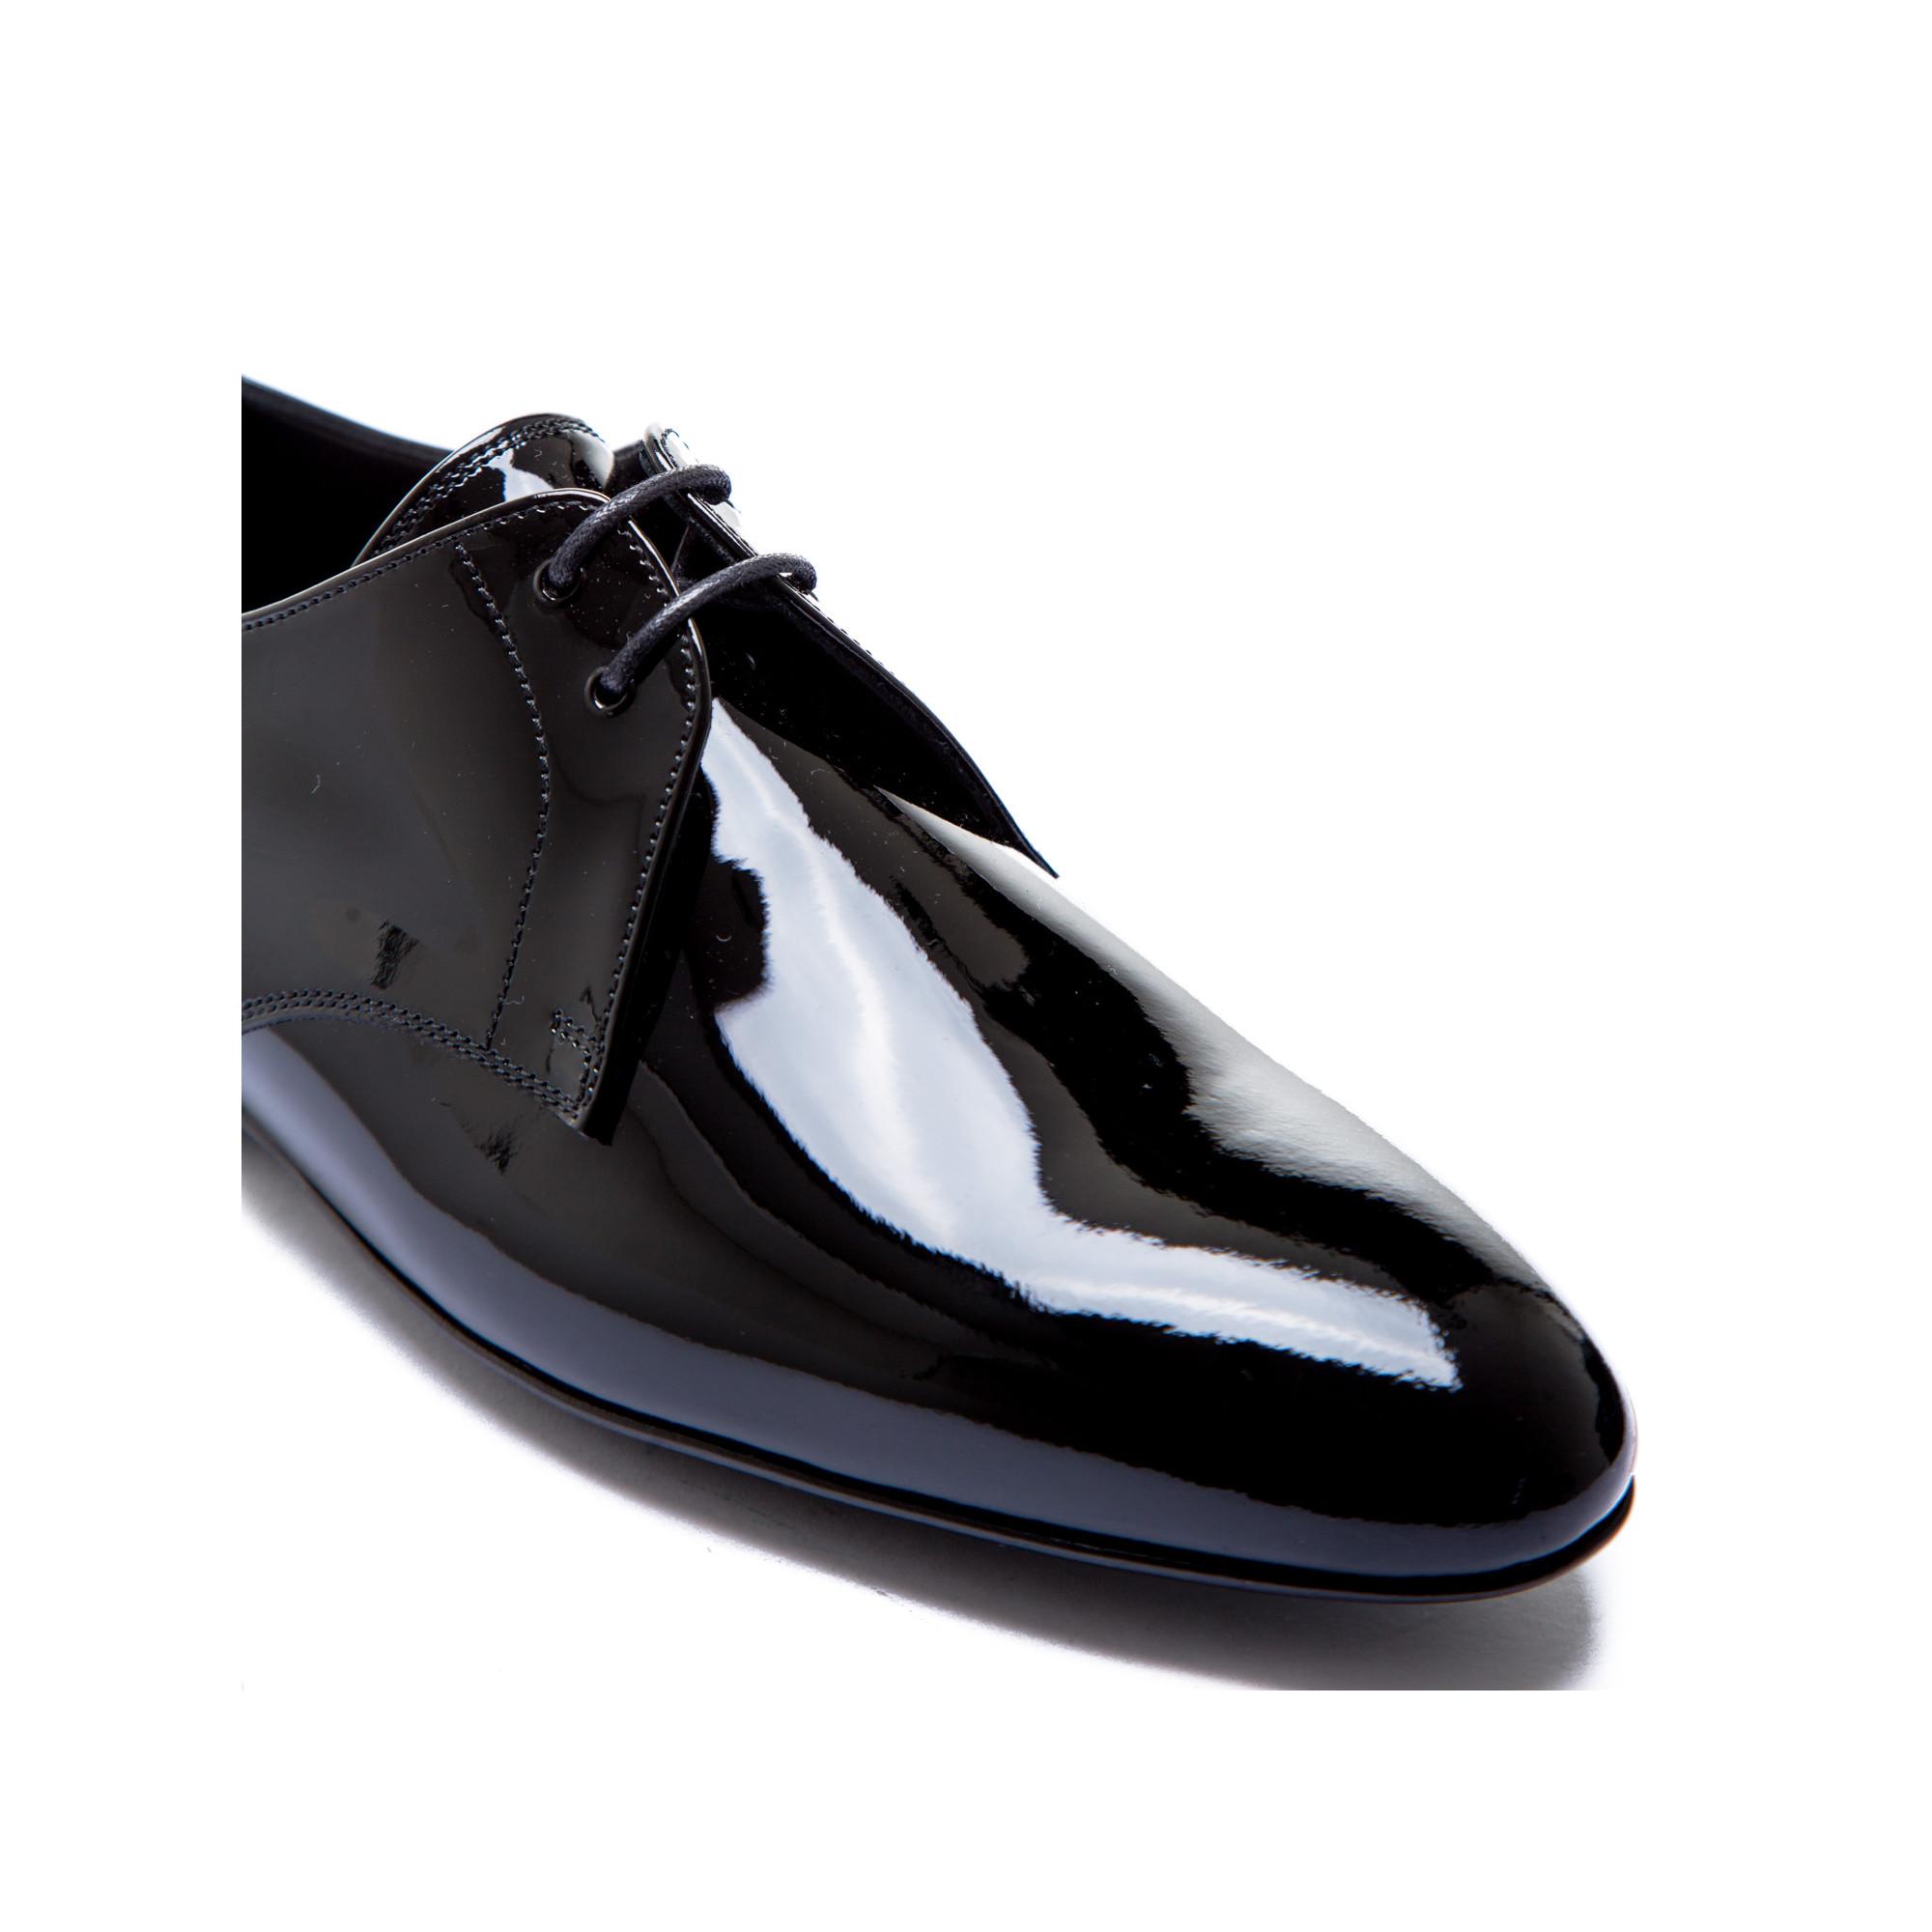 ... Saint Laurent shoes flat heel black Saint Laurent shoes flat heel black  - www.derodeloper 5725b69c19e8b